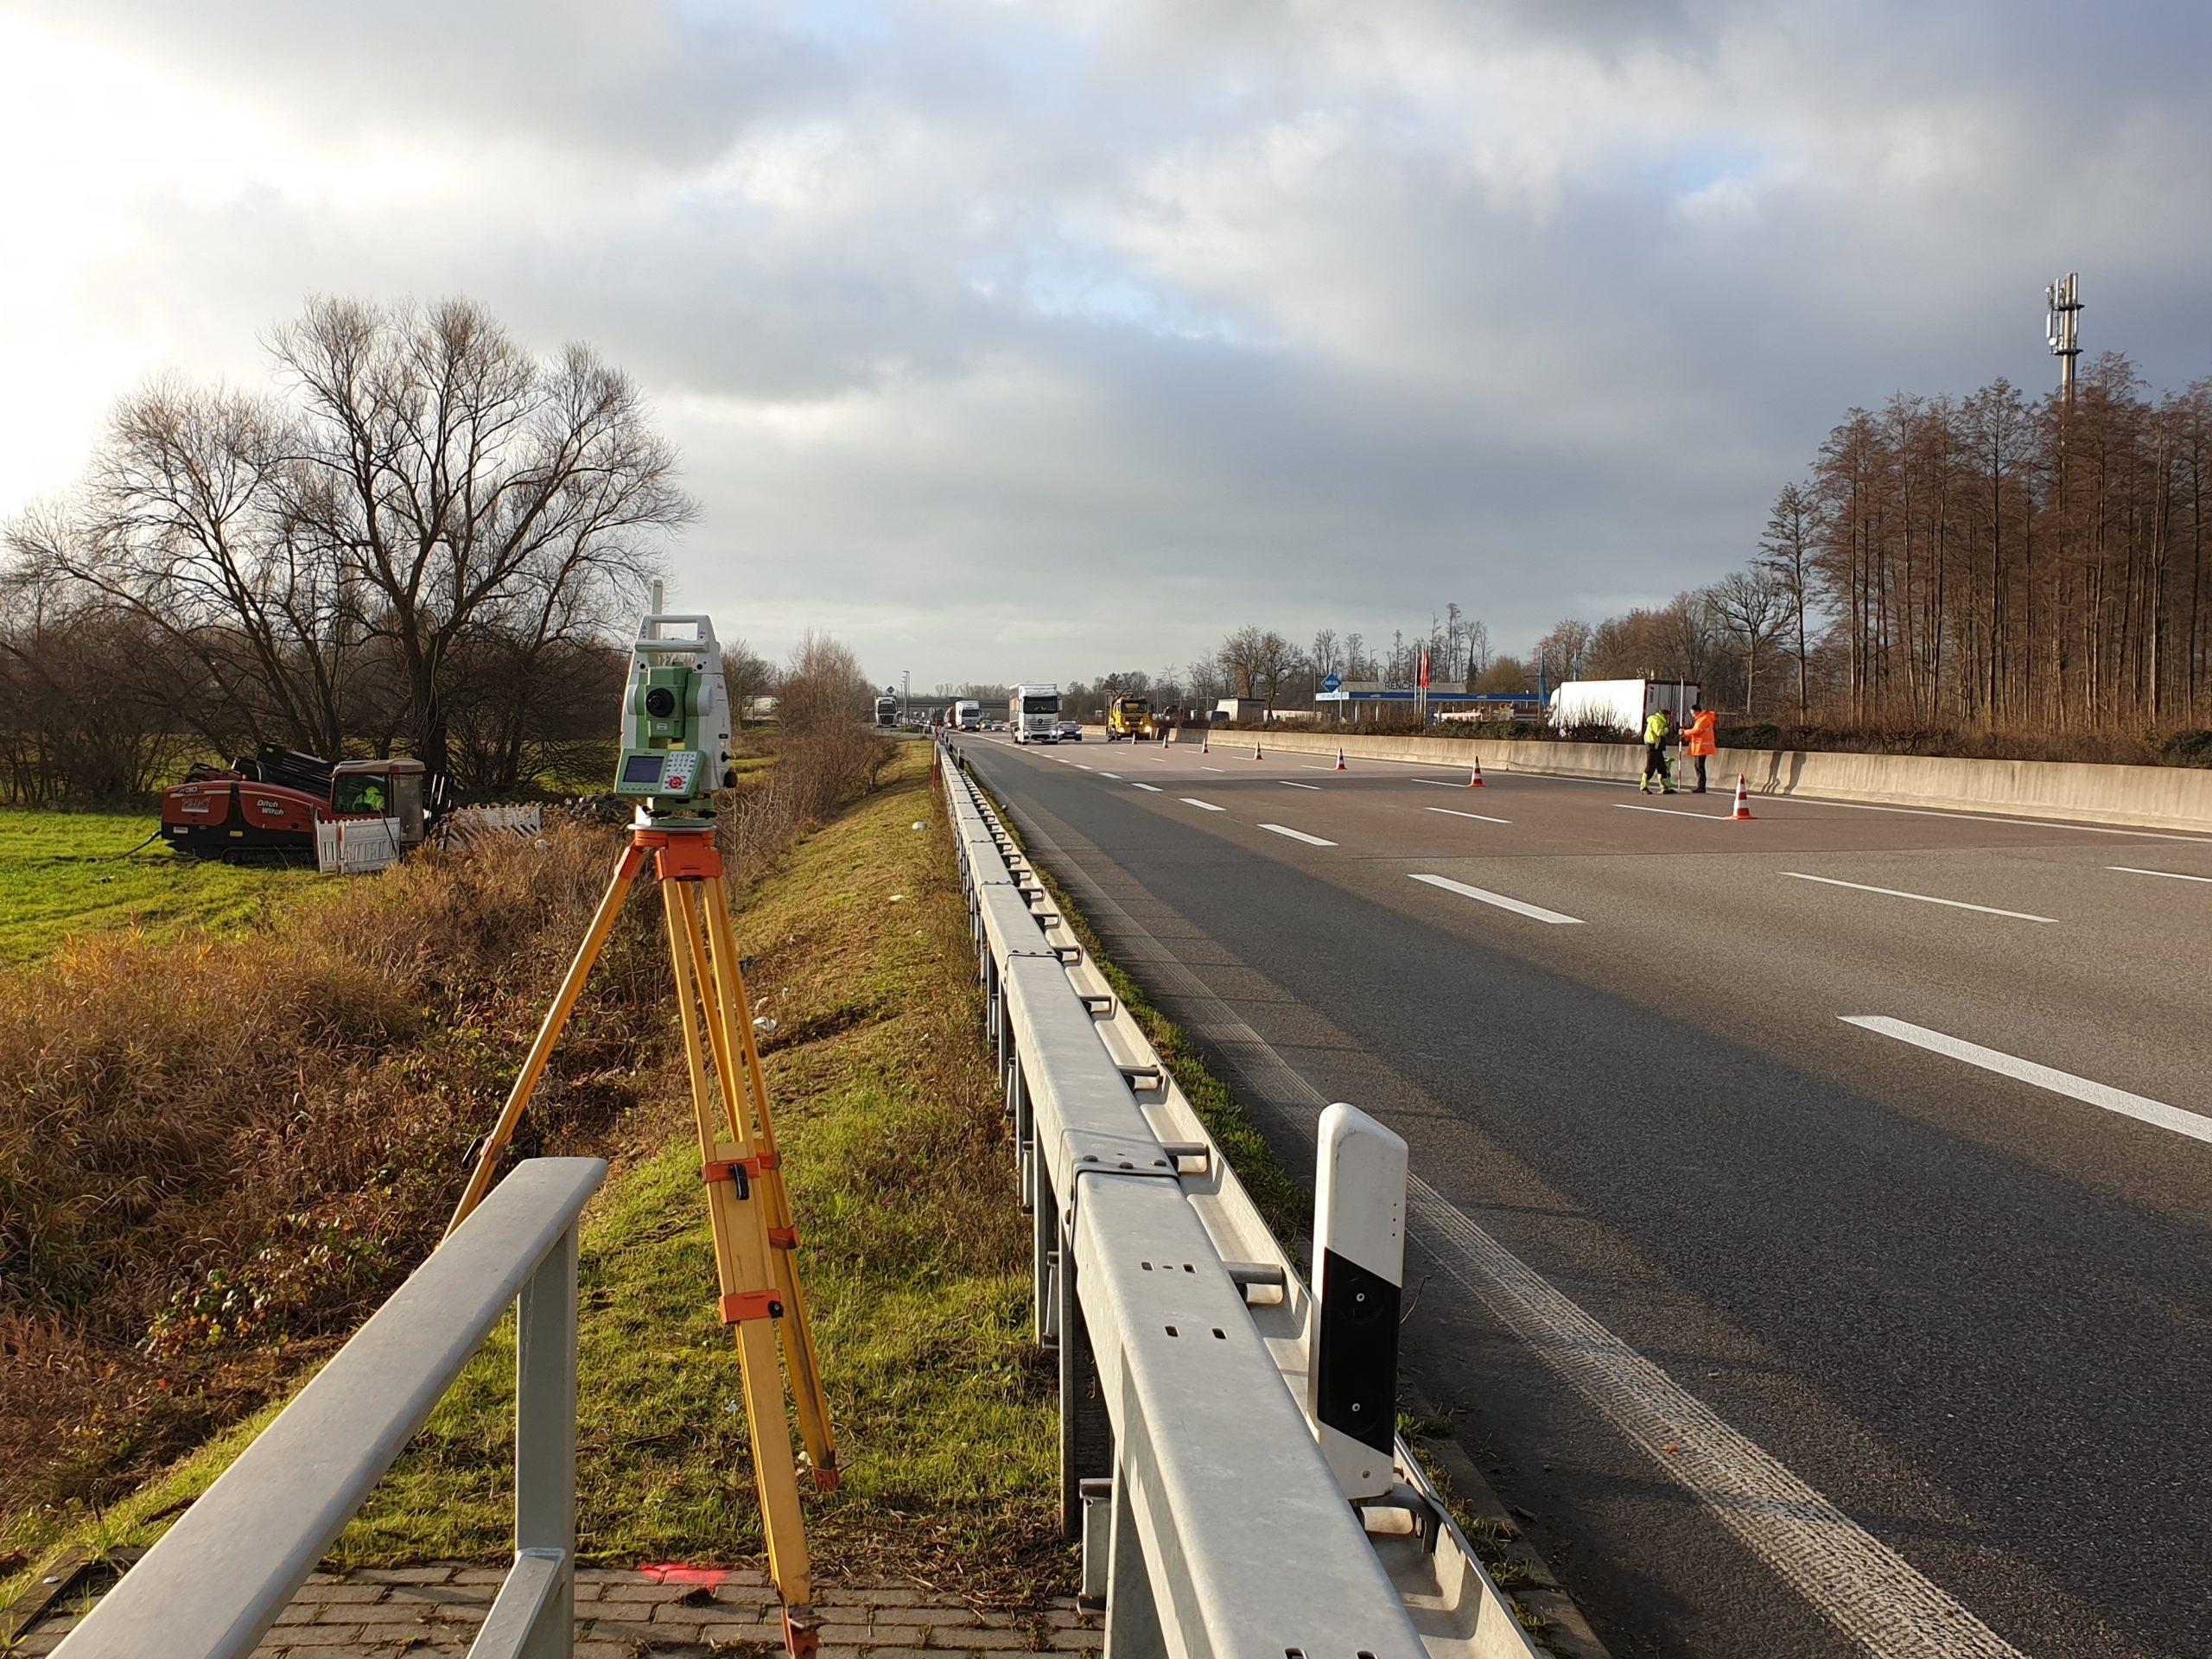 Breitbandausbau 5G an der Autobahn A5